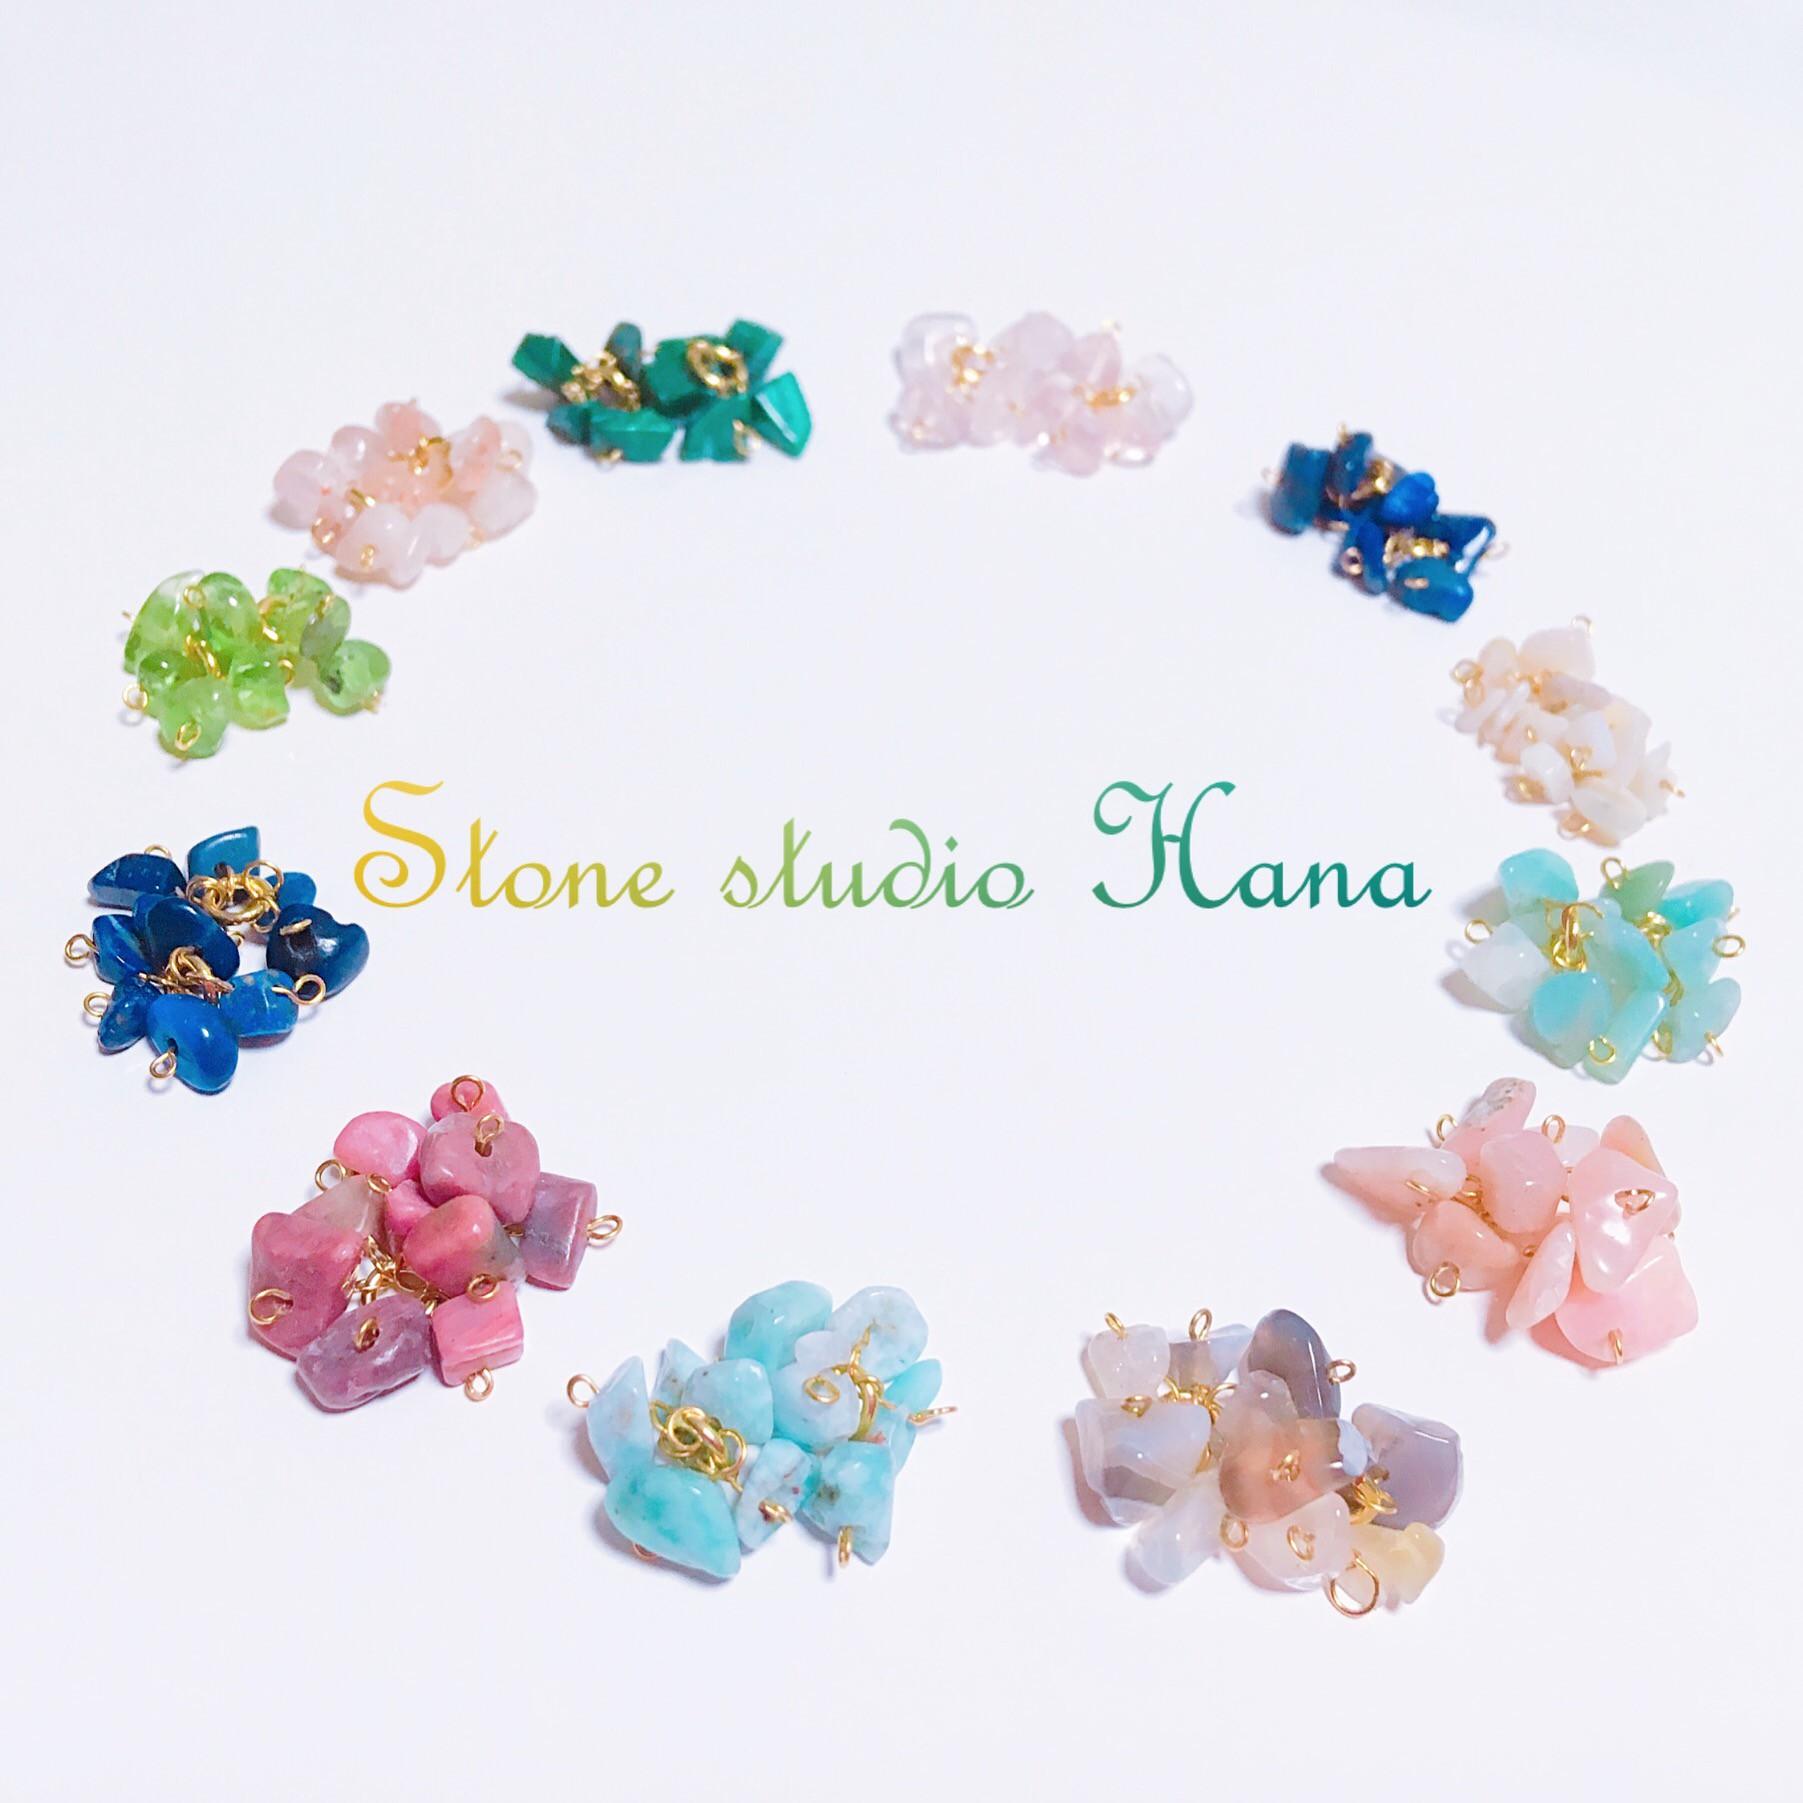 Stone studio  Hana